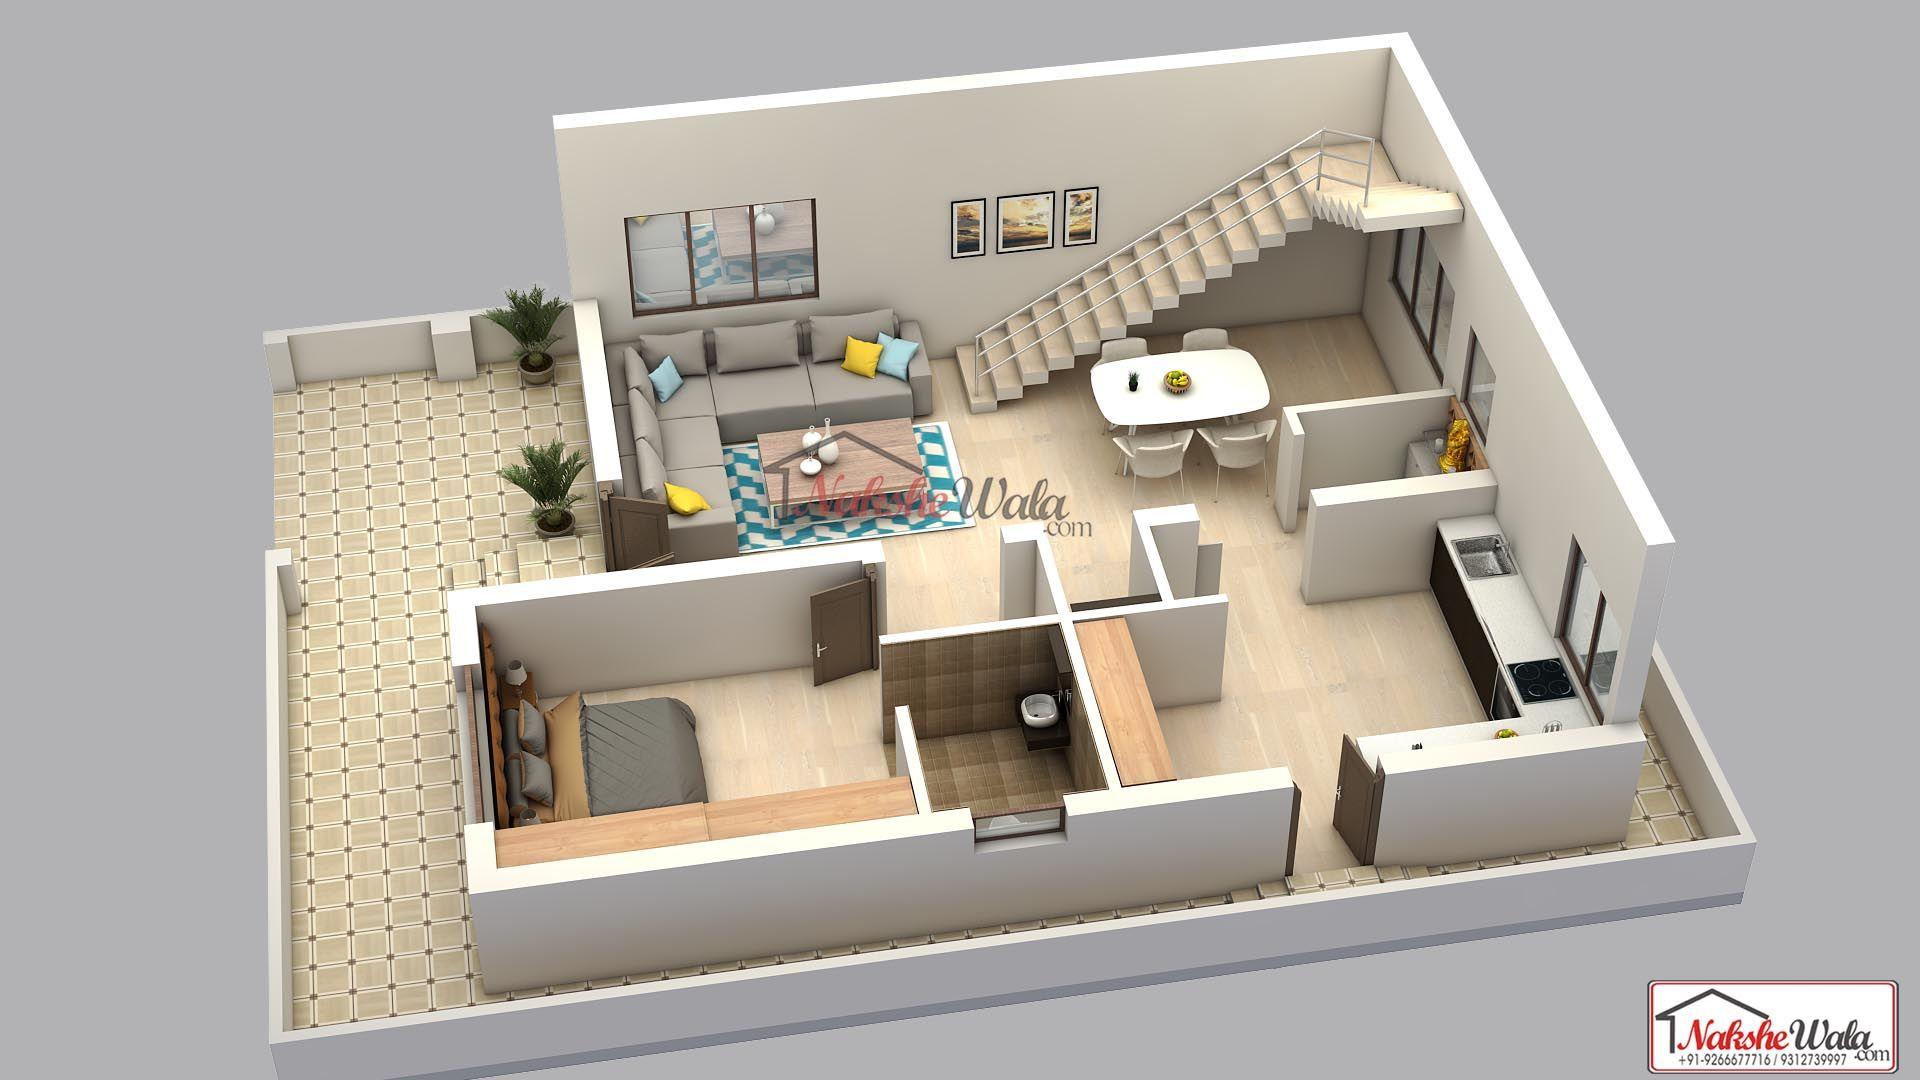 One Bhk 3d Floor Plan By Nakshewala Floor Plan Layout Floor Plan Design House Map